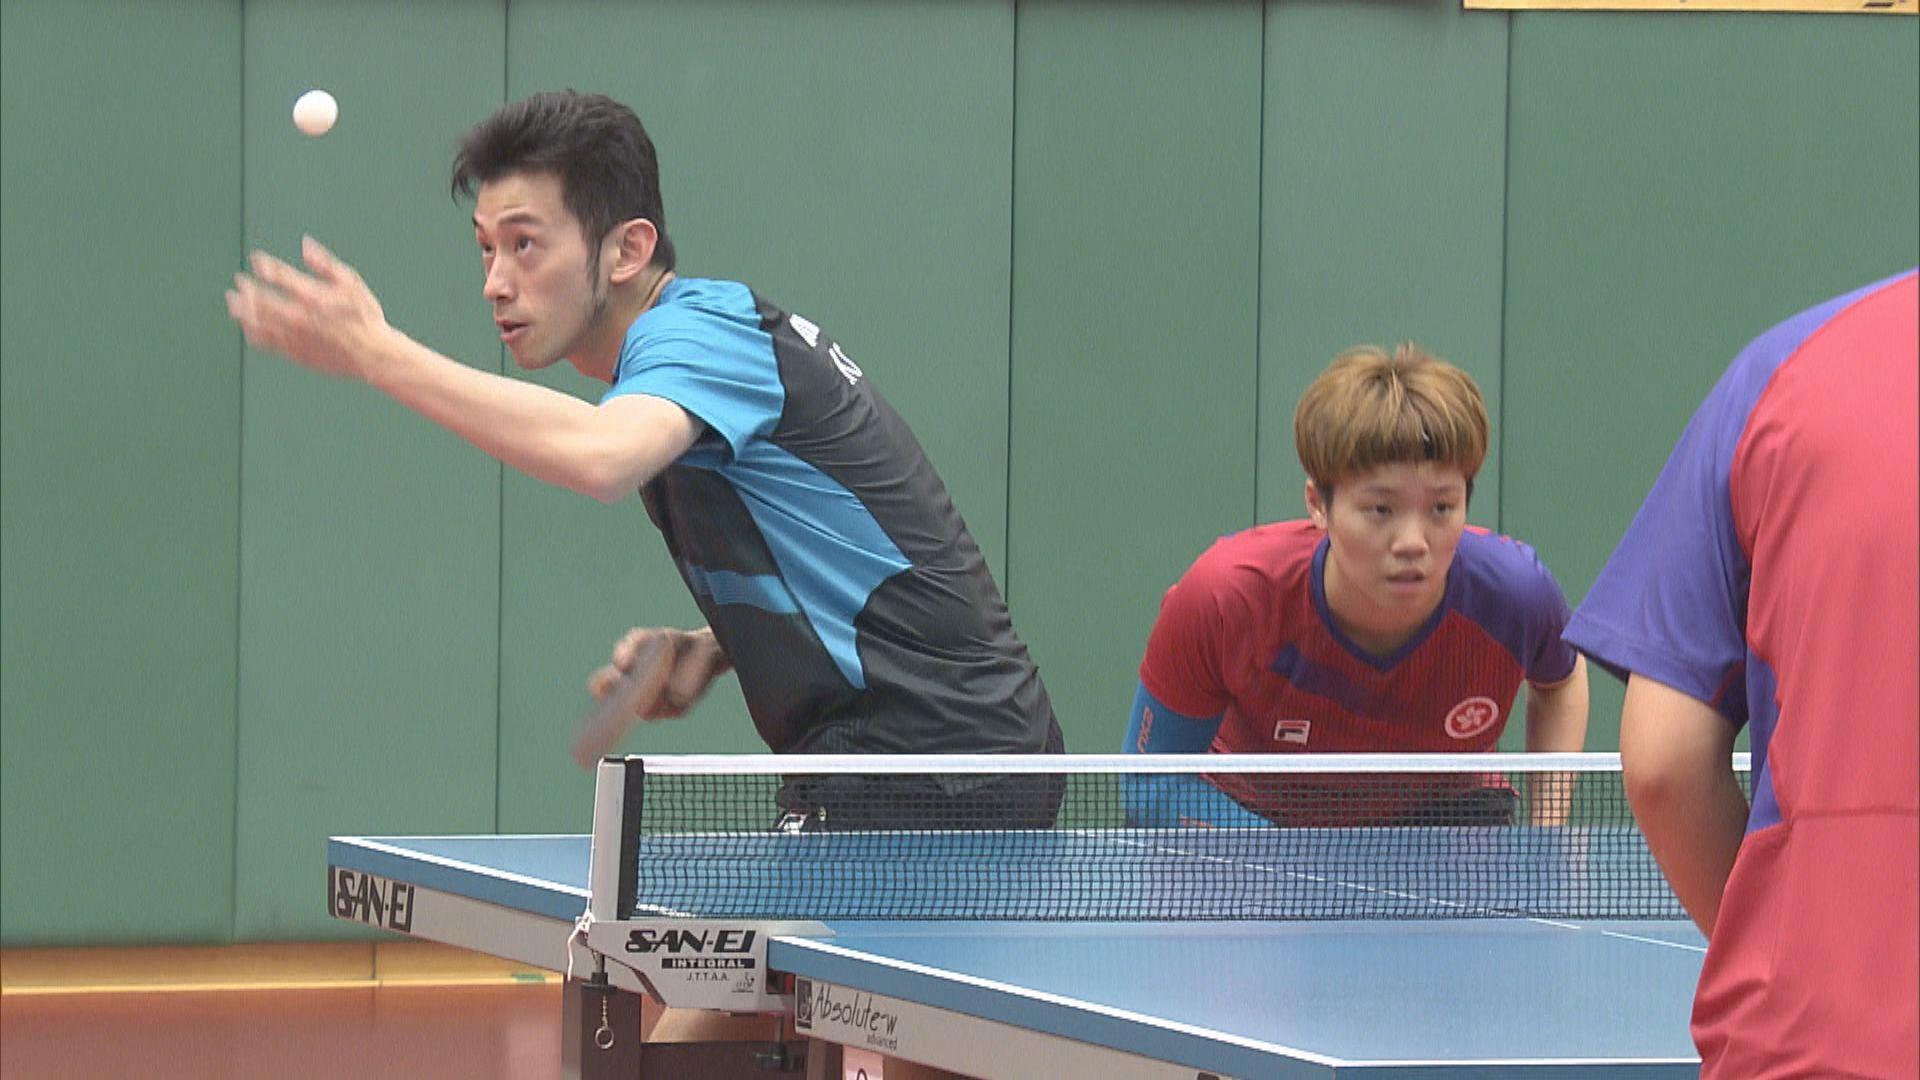 【備戰奧運】乒乓增設混雙項目 港隊盼衝擊獎牌